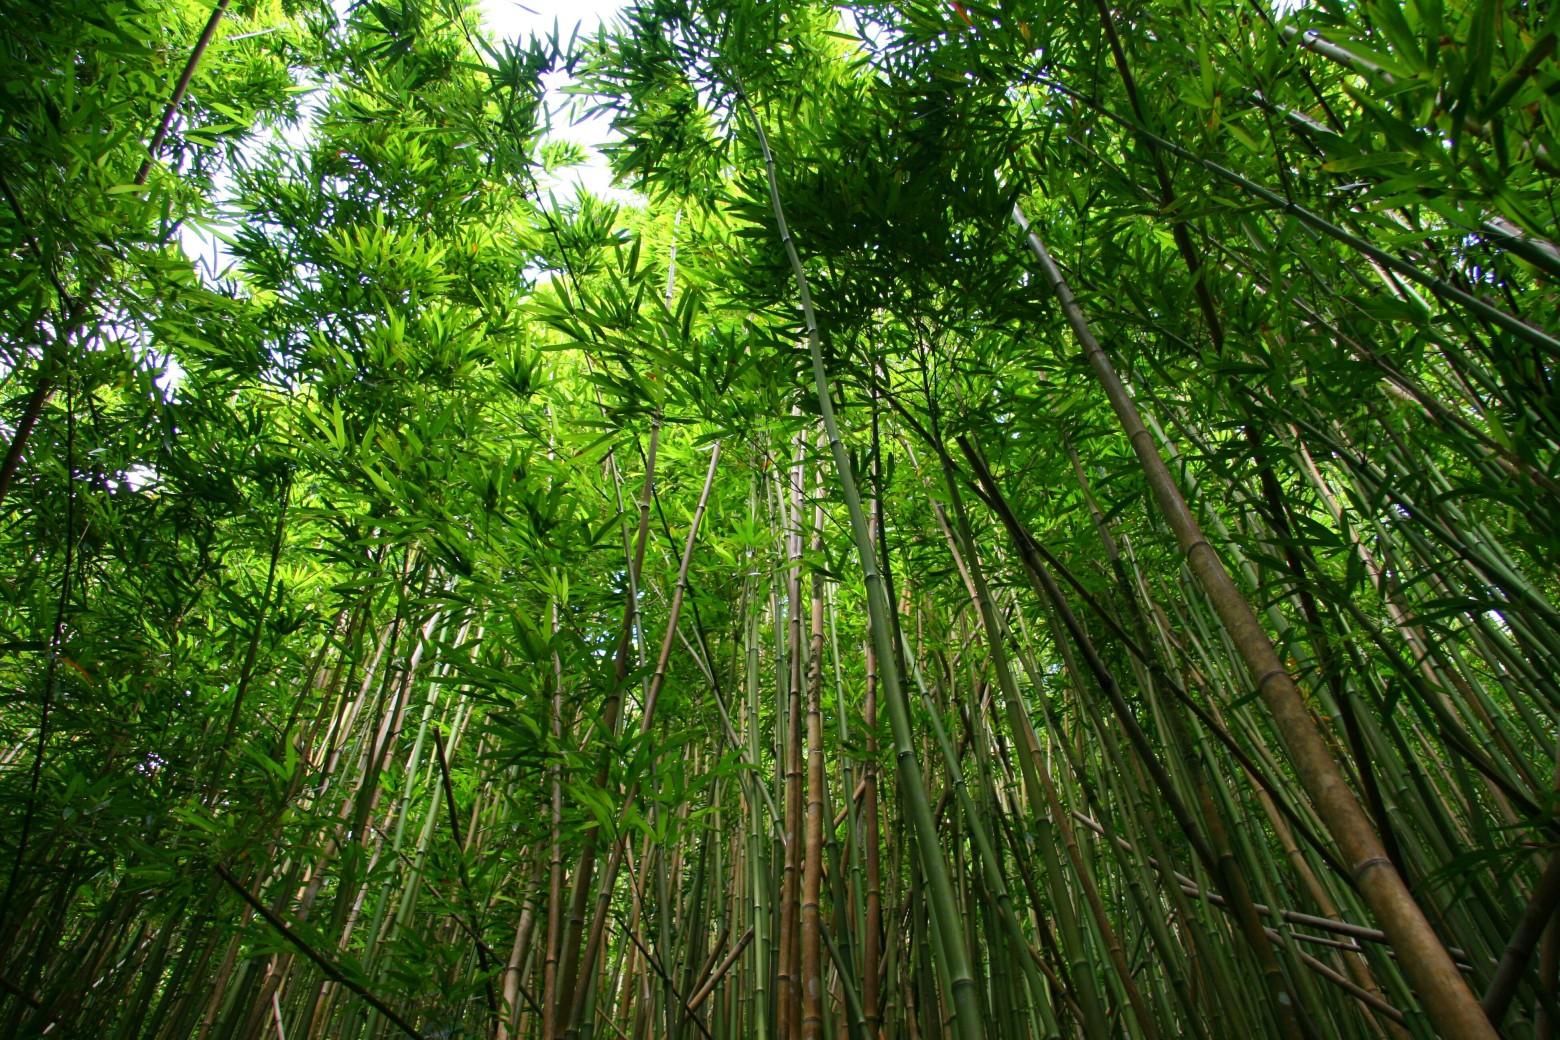 forêt-bois-de-bambou-vert-images-photos-gratuites-libres-de-droits-1560x1040